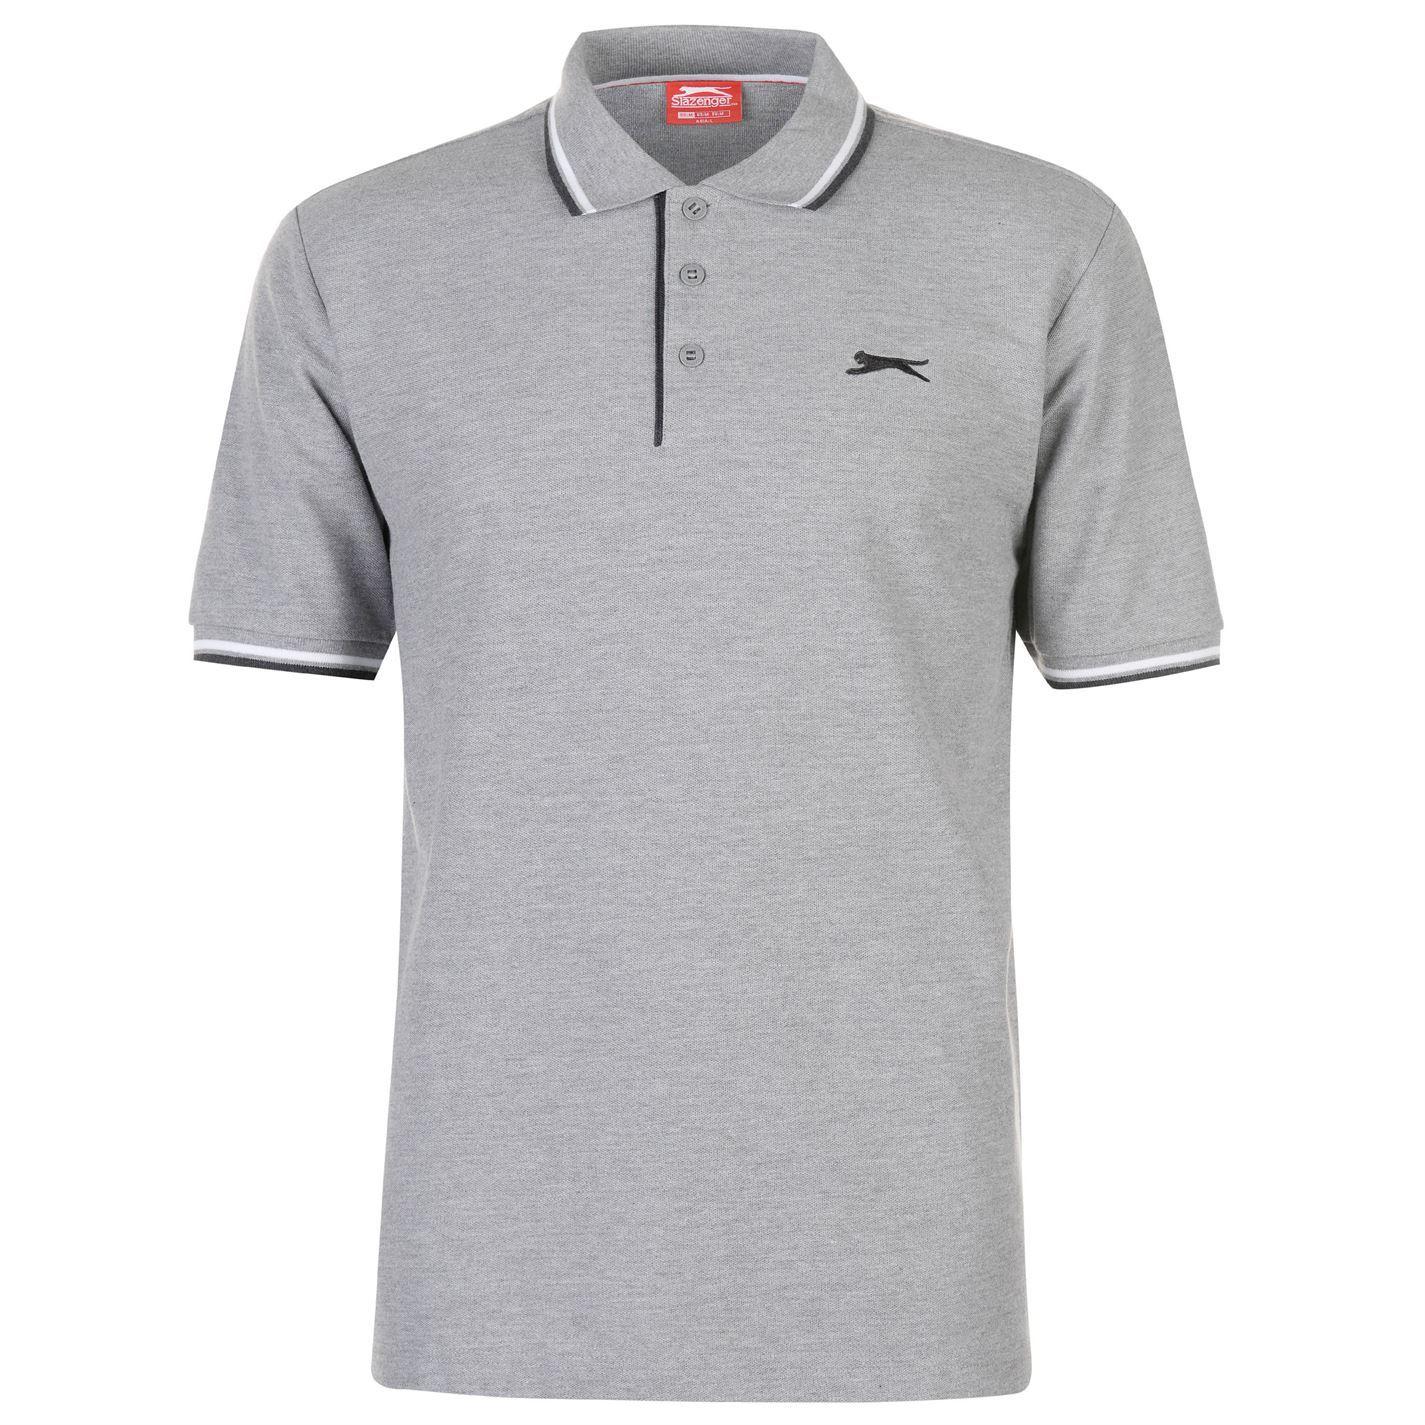 Slazenger-Polo-Camisa-de-hombre-con-cuello-con-Punta-T-Shirt-Top-Camiseta-Tee miniatura 36